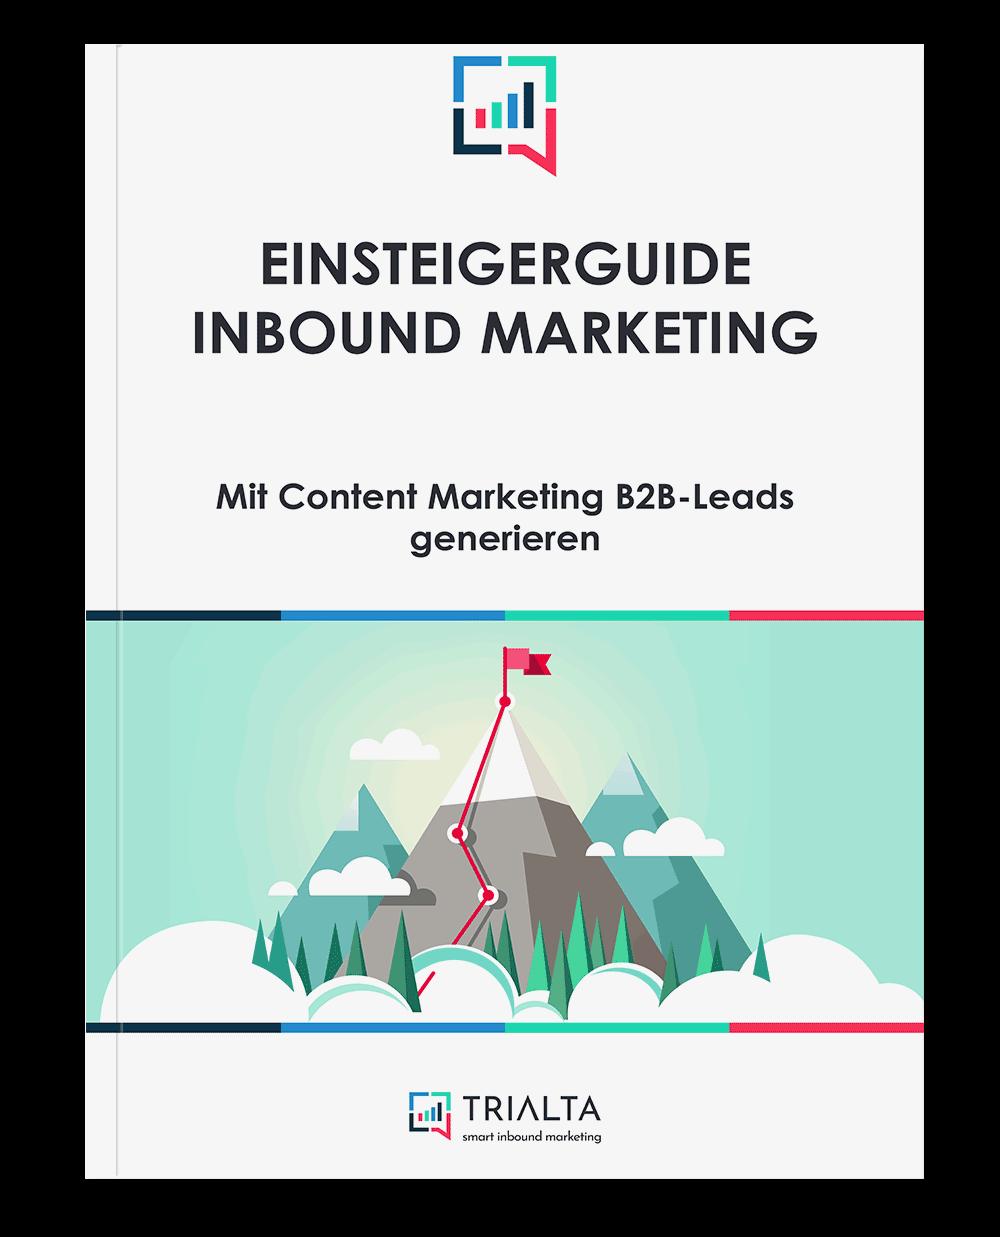 TRIALTA - mit Content Marketing wirksam machen